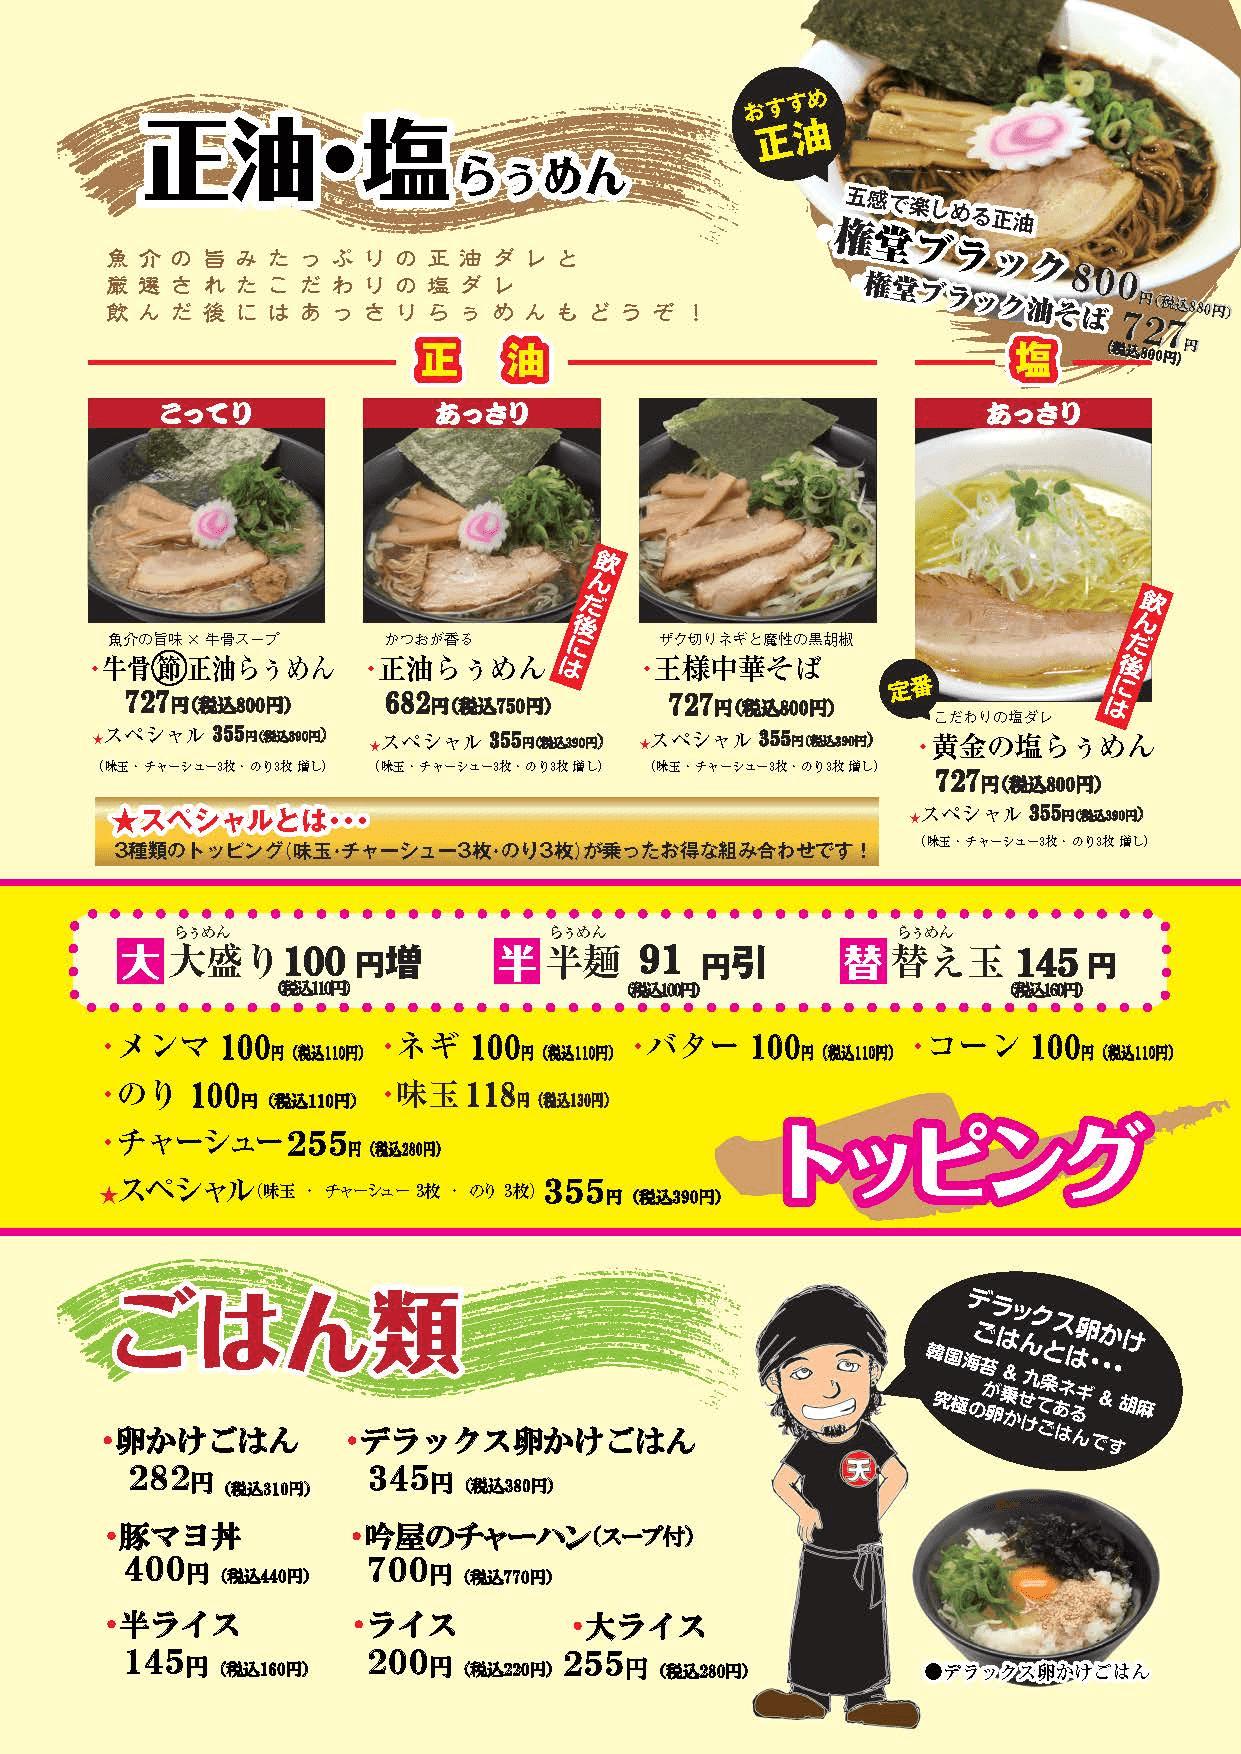 権堂大衆酒場吟屋グランドメニュー4